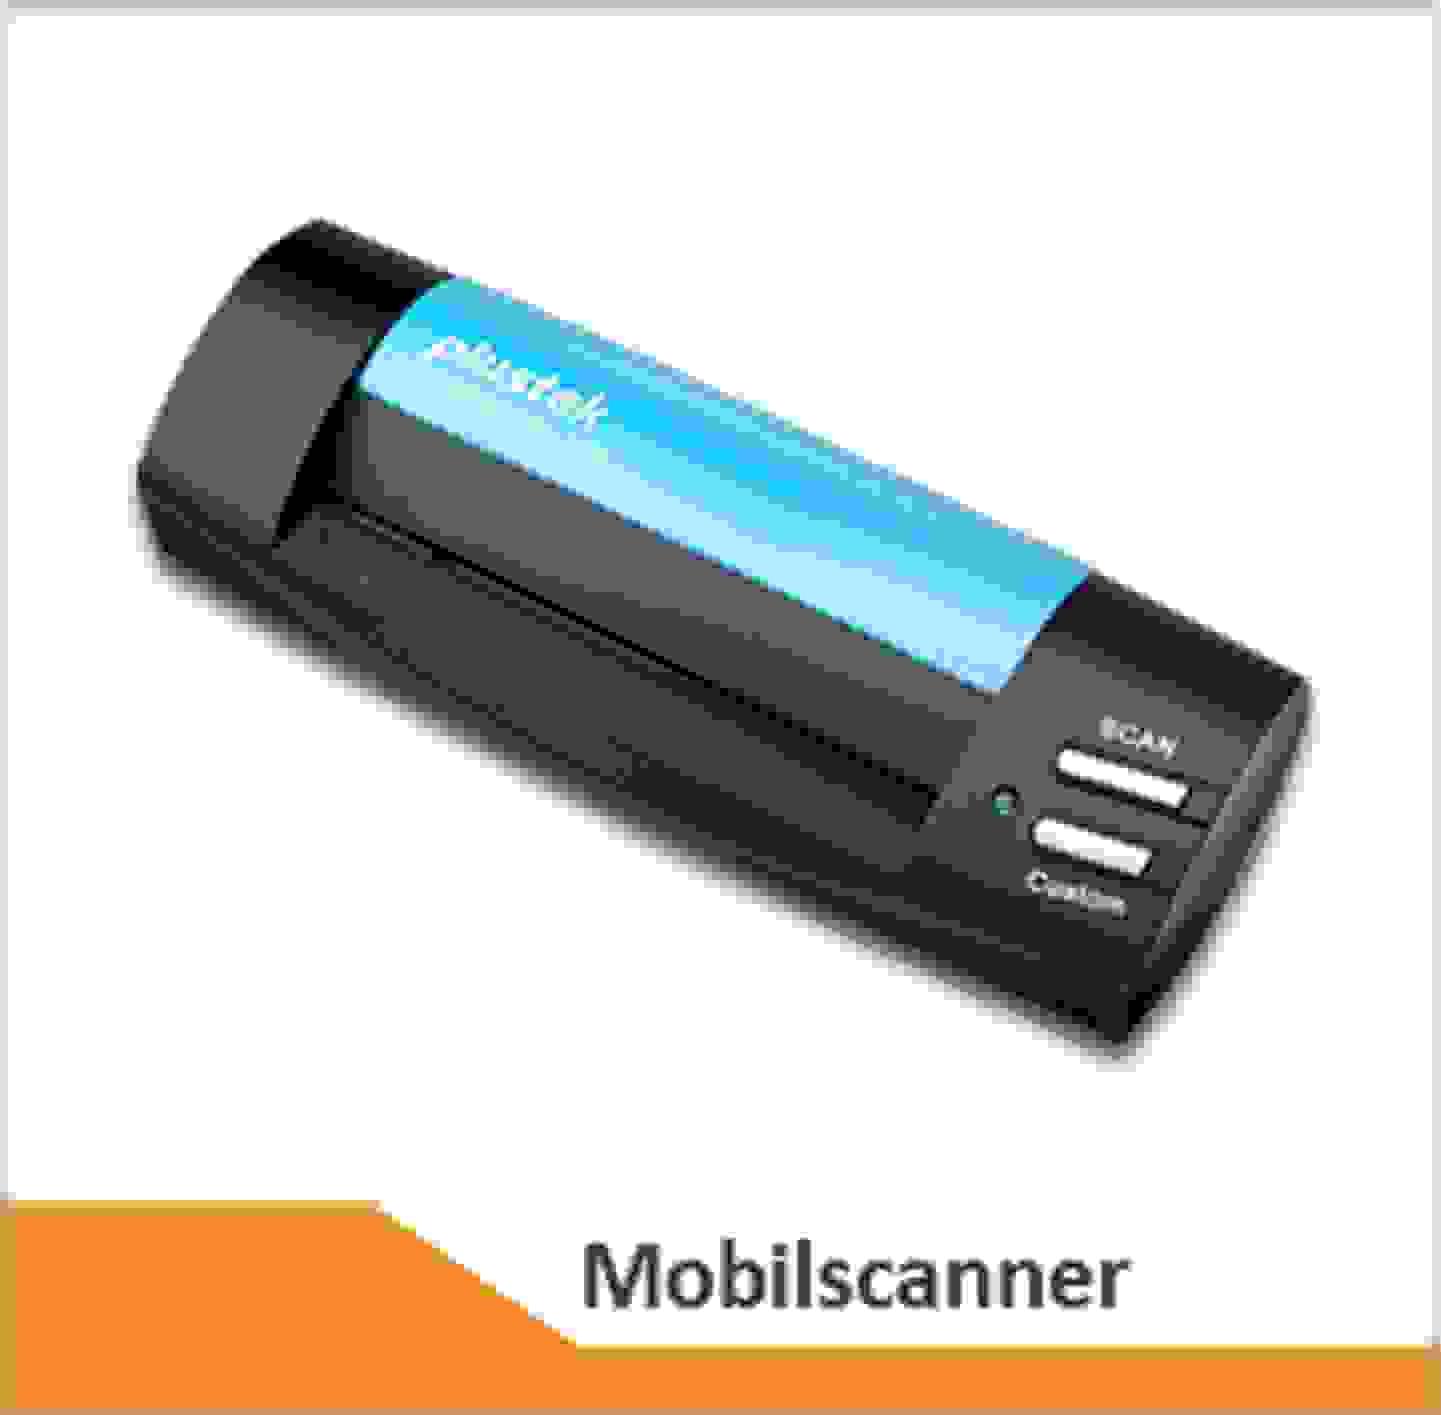 Mobilscanner